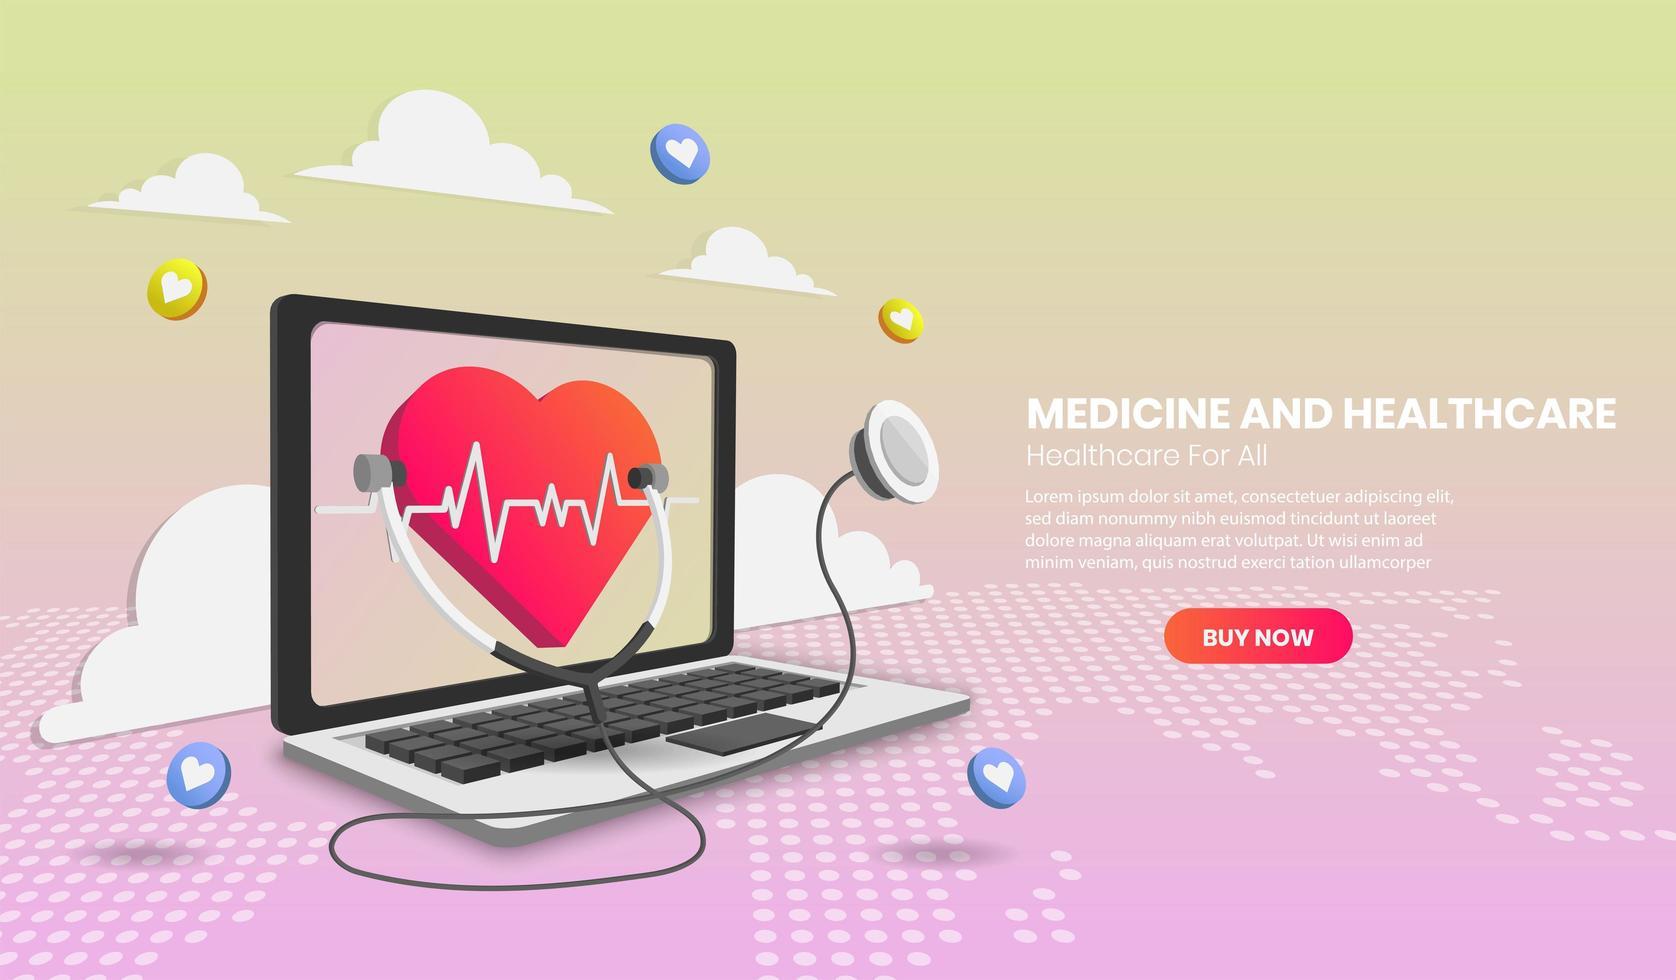 consulta médica online com laptop e aplicativo médico vetor